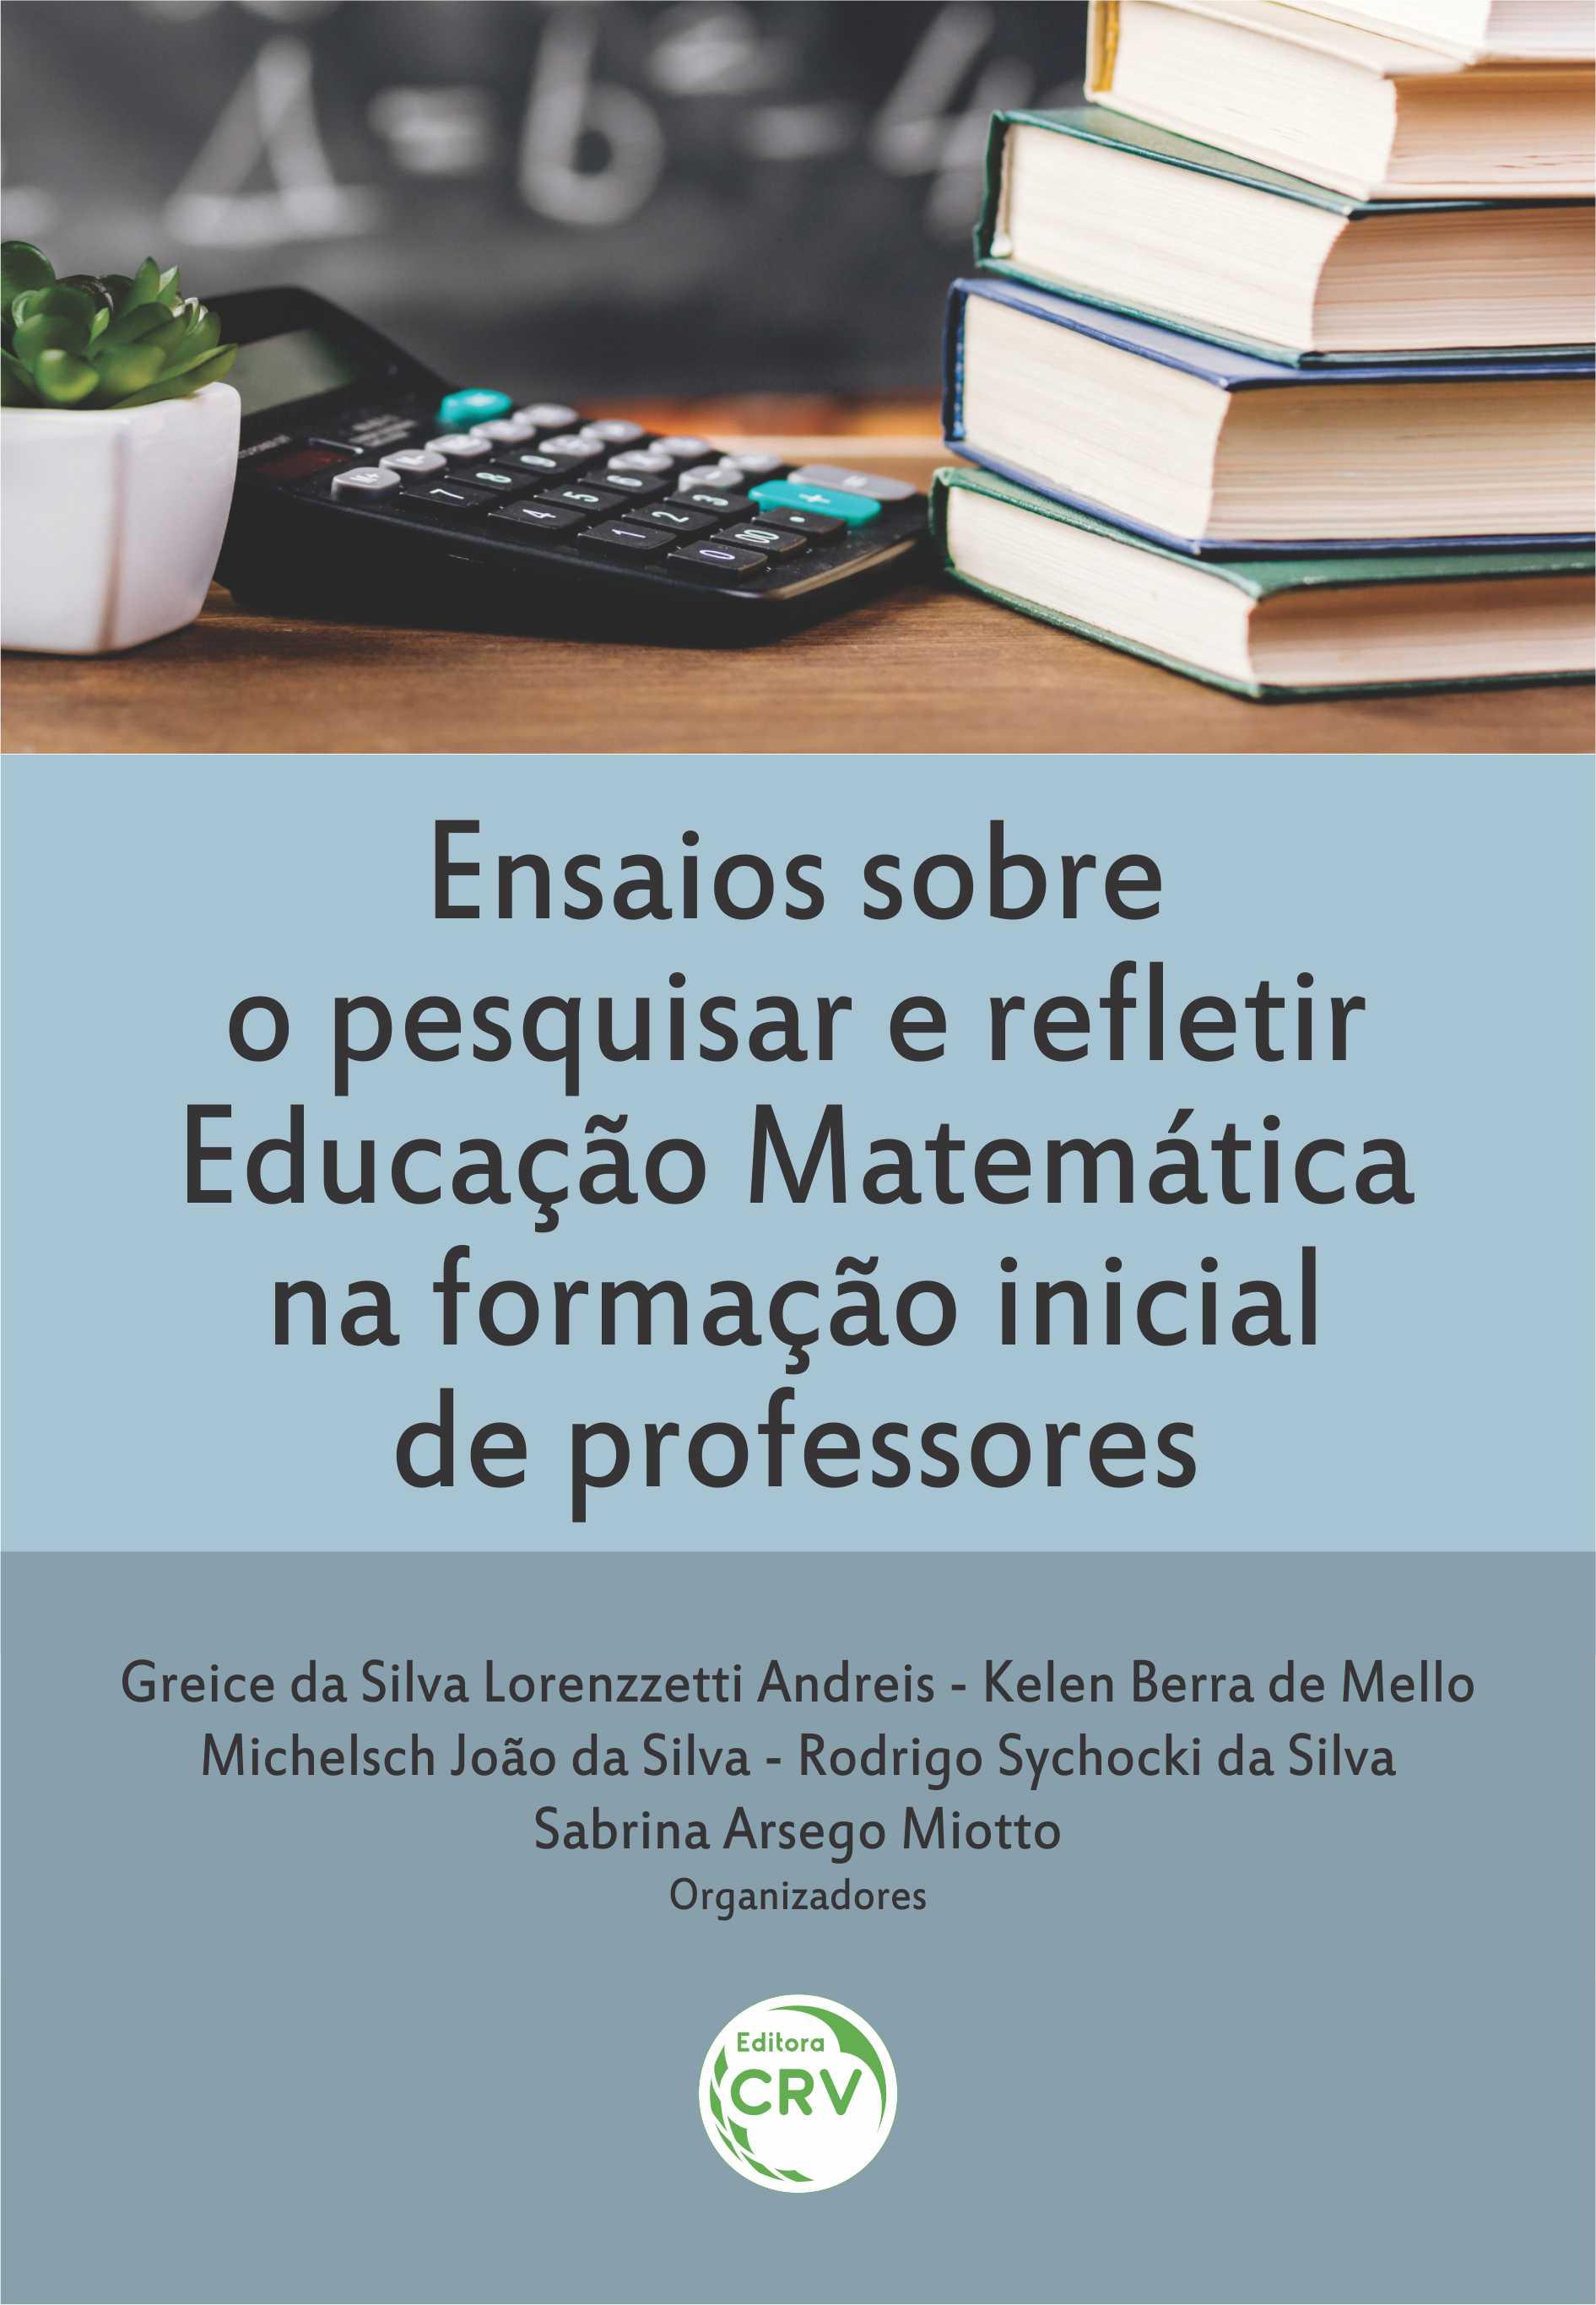 Capa do livro: ENSAIOS SOBRE O PESQUISAR E REFLETIR EDUCAÇÃO MATEMÁTICA NA FORMAÇÃO INICIAL DE PROFESSORES